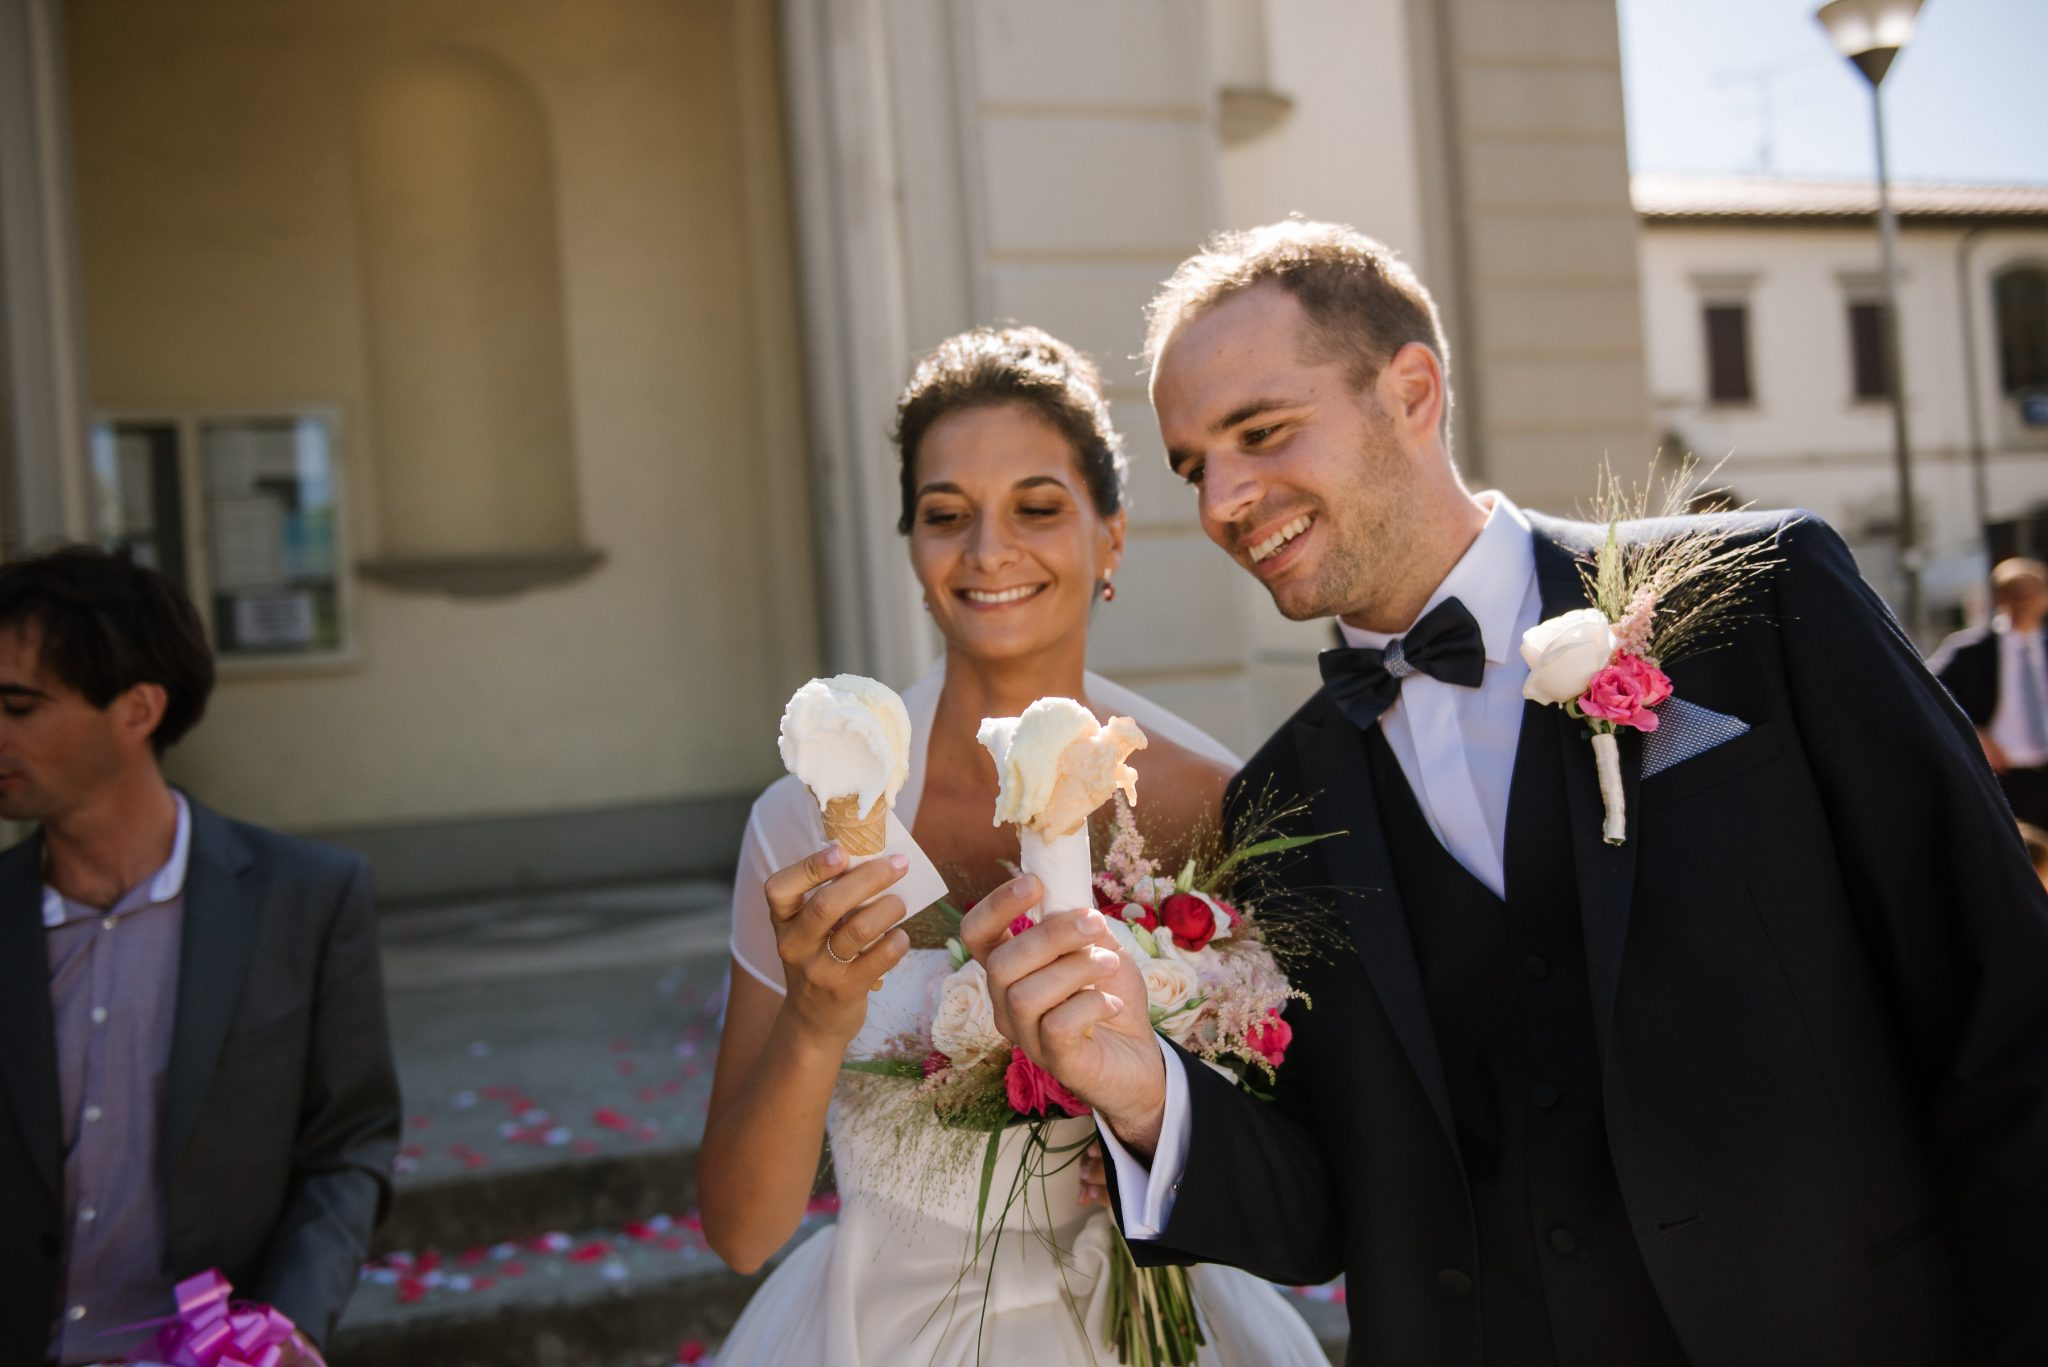 le mariage de marie et nicola en italie sur le th me de la dolce vita. Black Bedroom Furniture Sets. Home Design Ideas